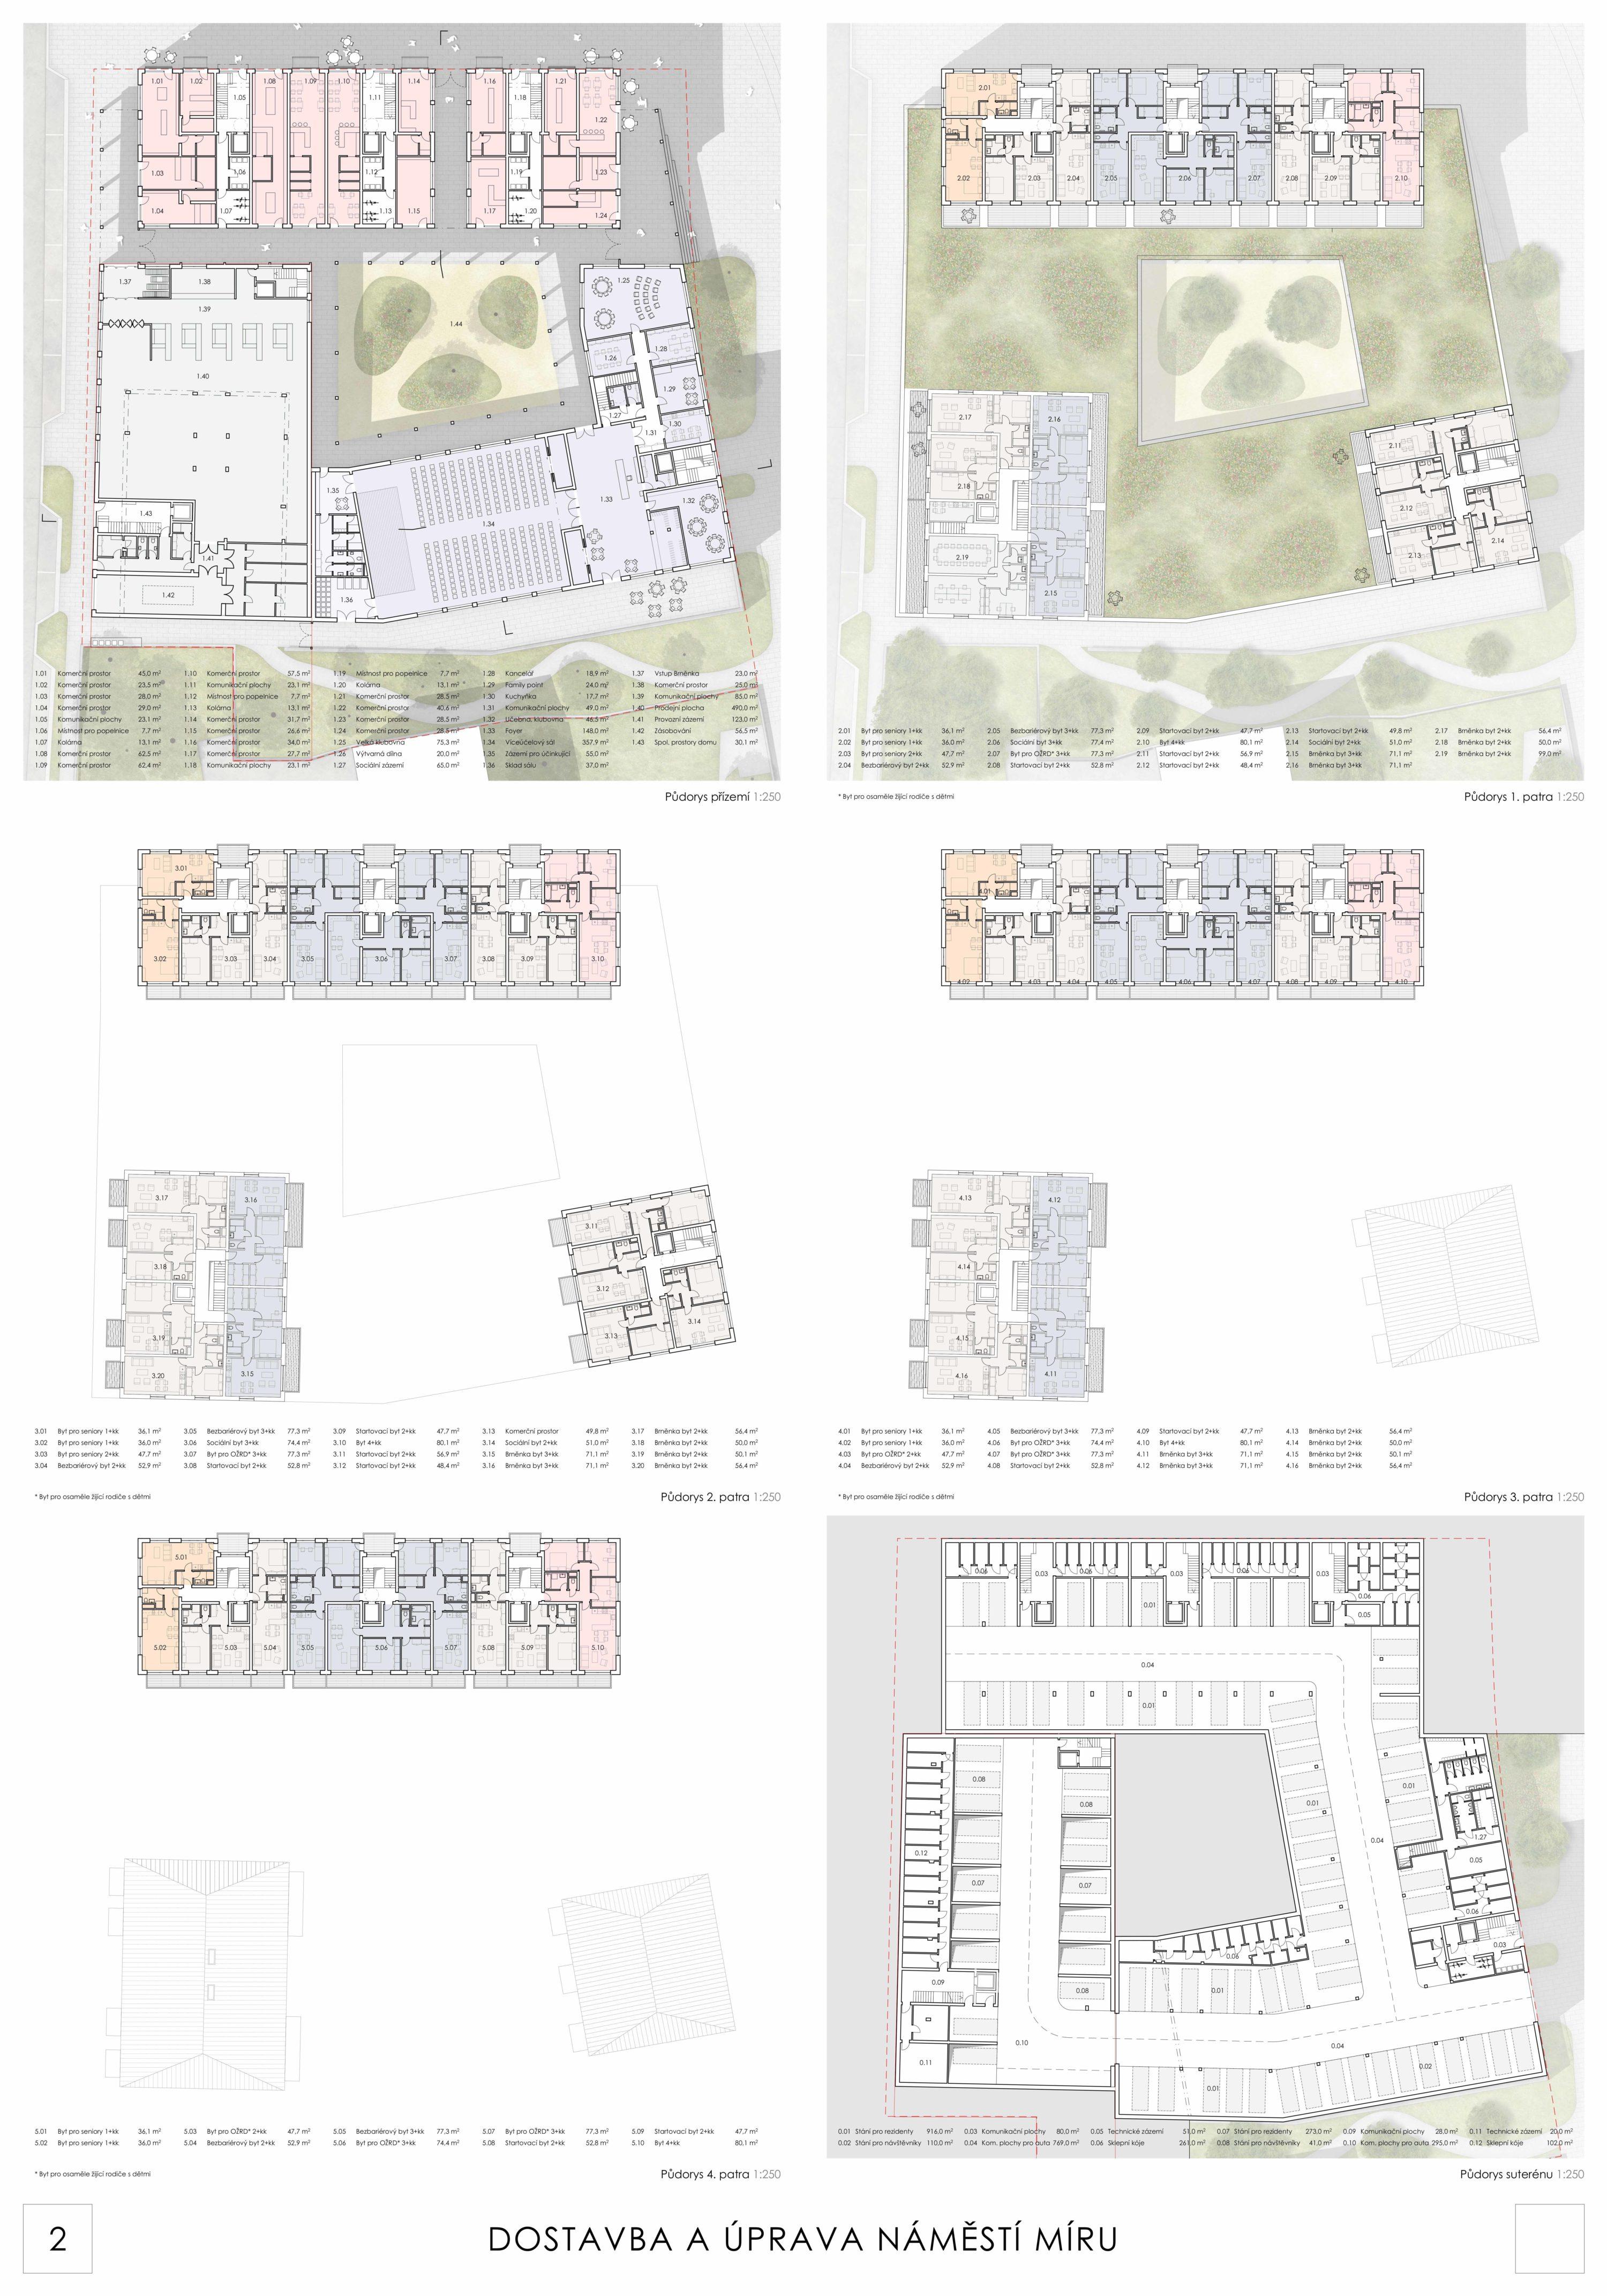 Dostavba a úprava náměstí Míru - Zlámal architekti s.r.o.